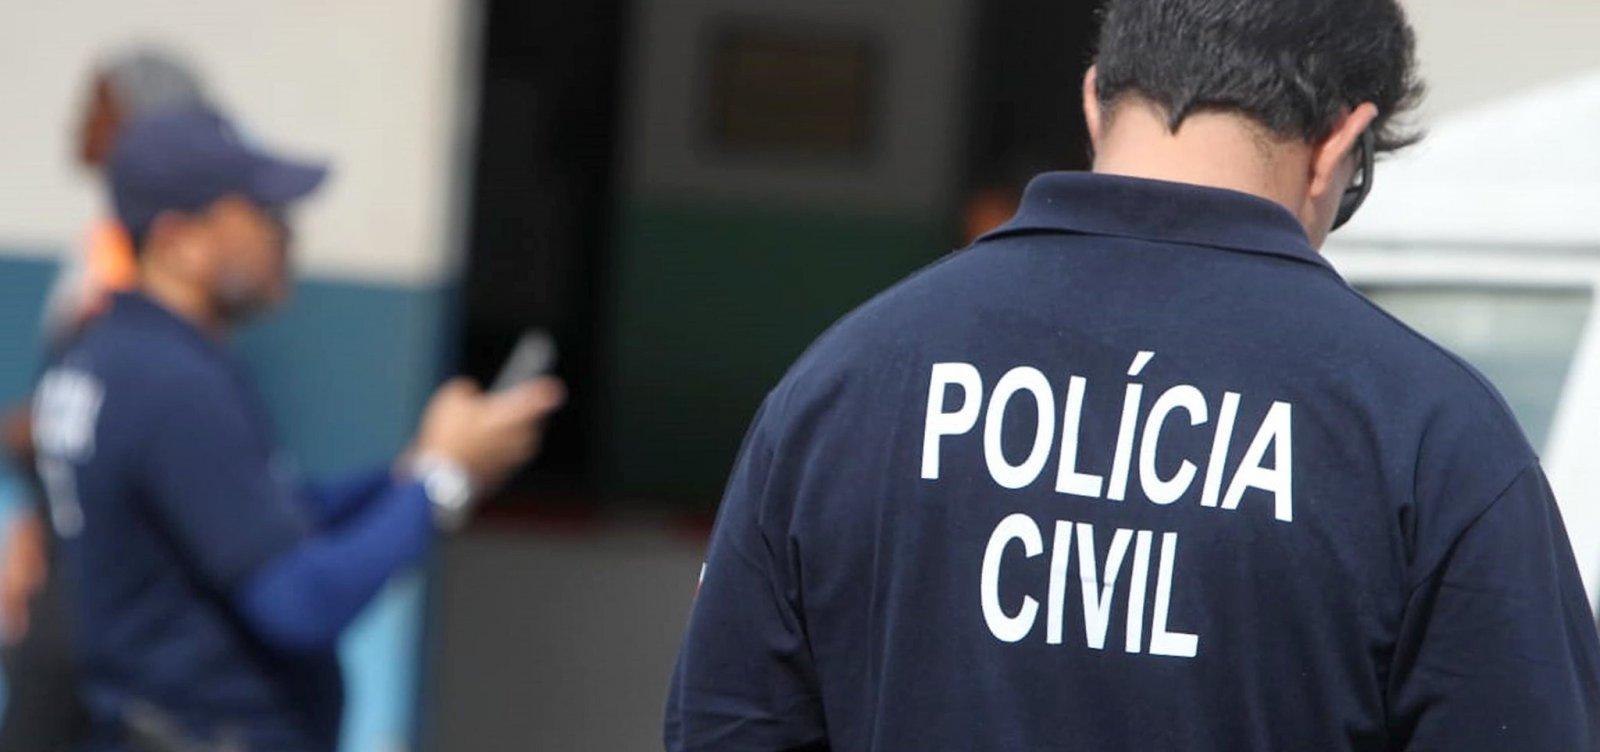 [Operação da Polícia Civil prende mais de 30 foragidos por roubos, homicídios e estupros]